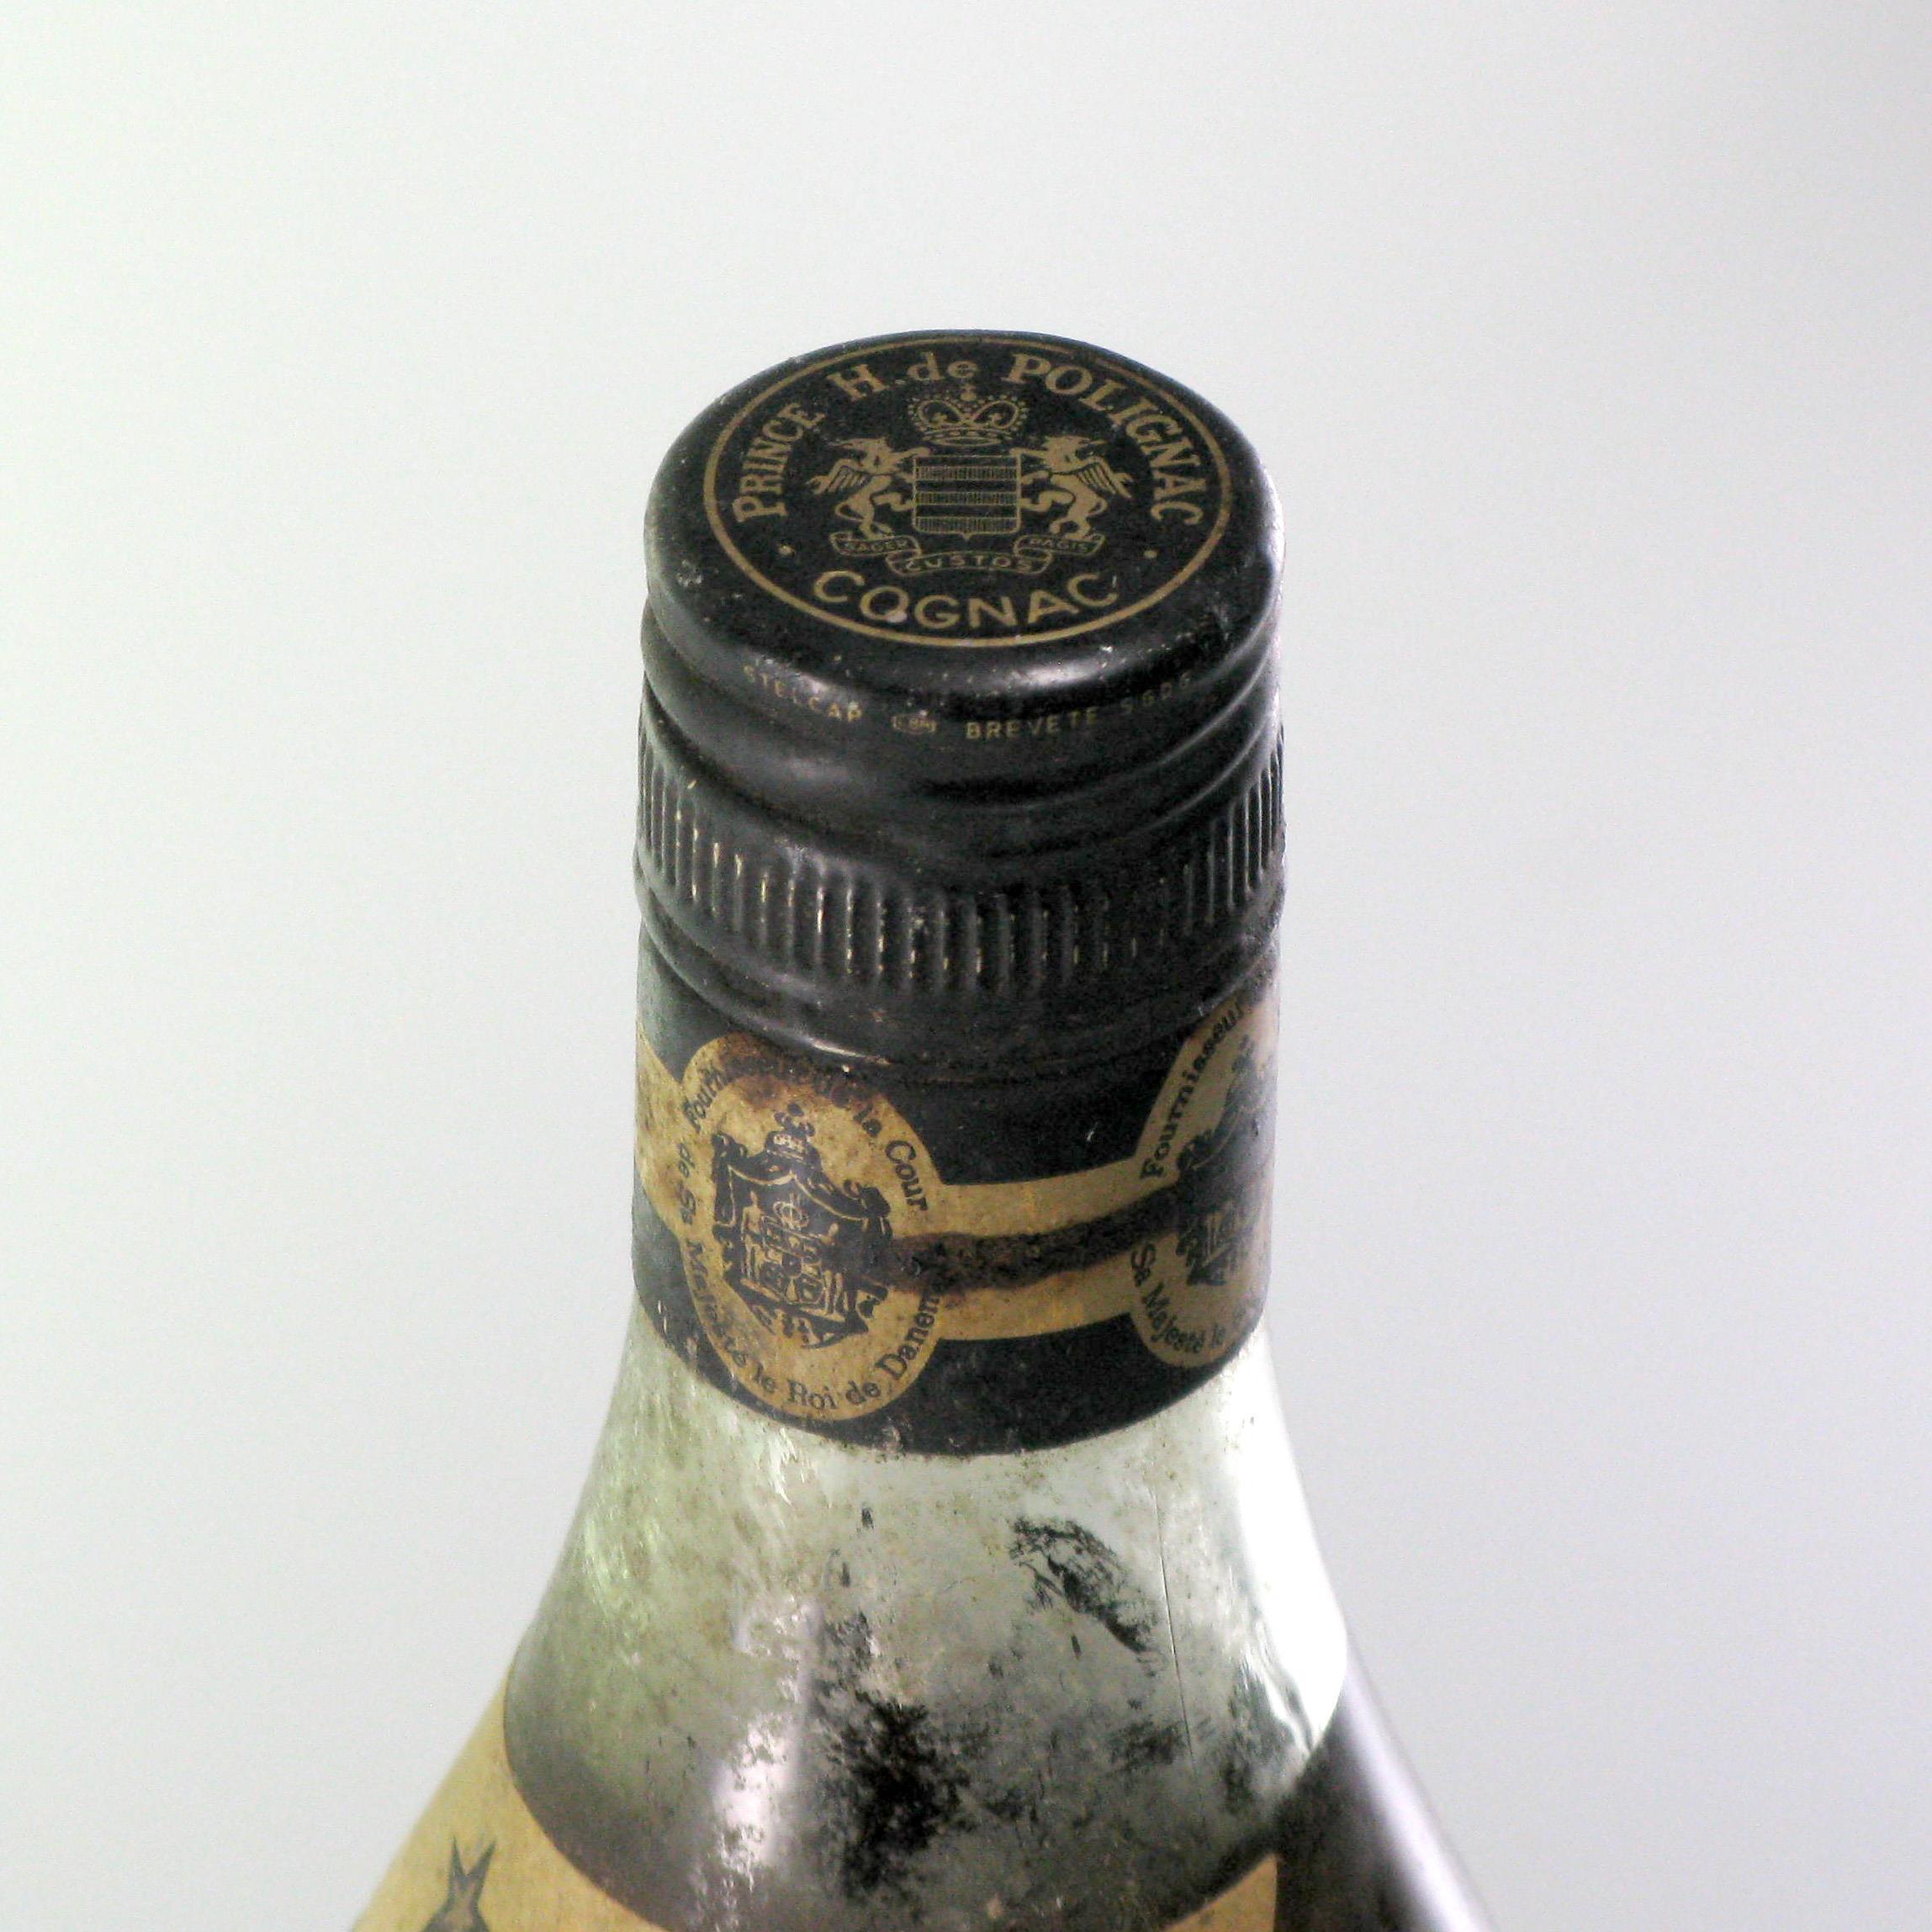 Cognac 1940 Prince Hubert de Polignac